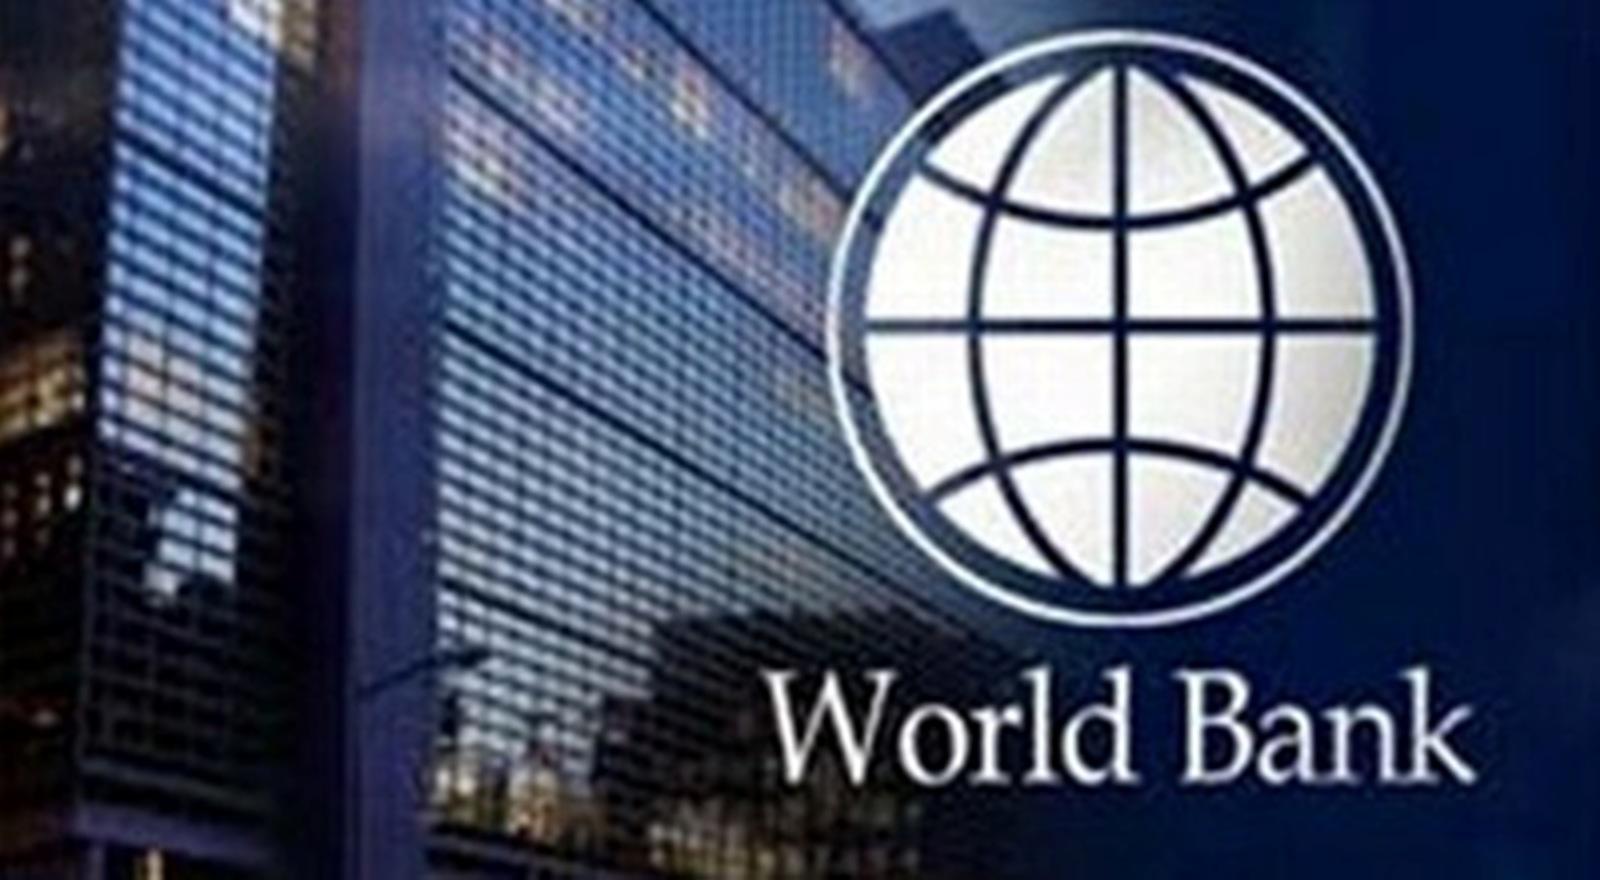 Dünya Bankının Azərbaycan iqtisadiyyatının artım proqnozu necədir?